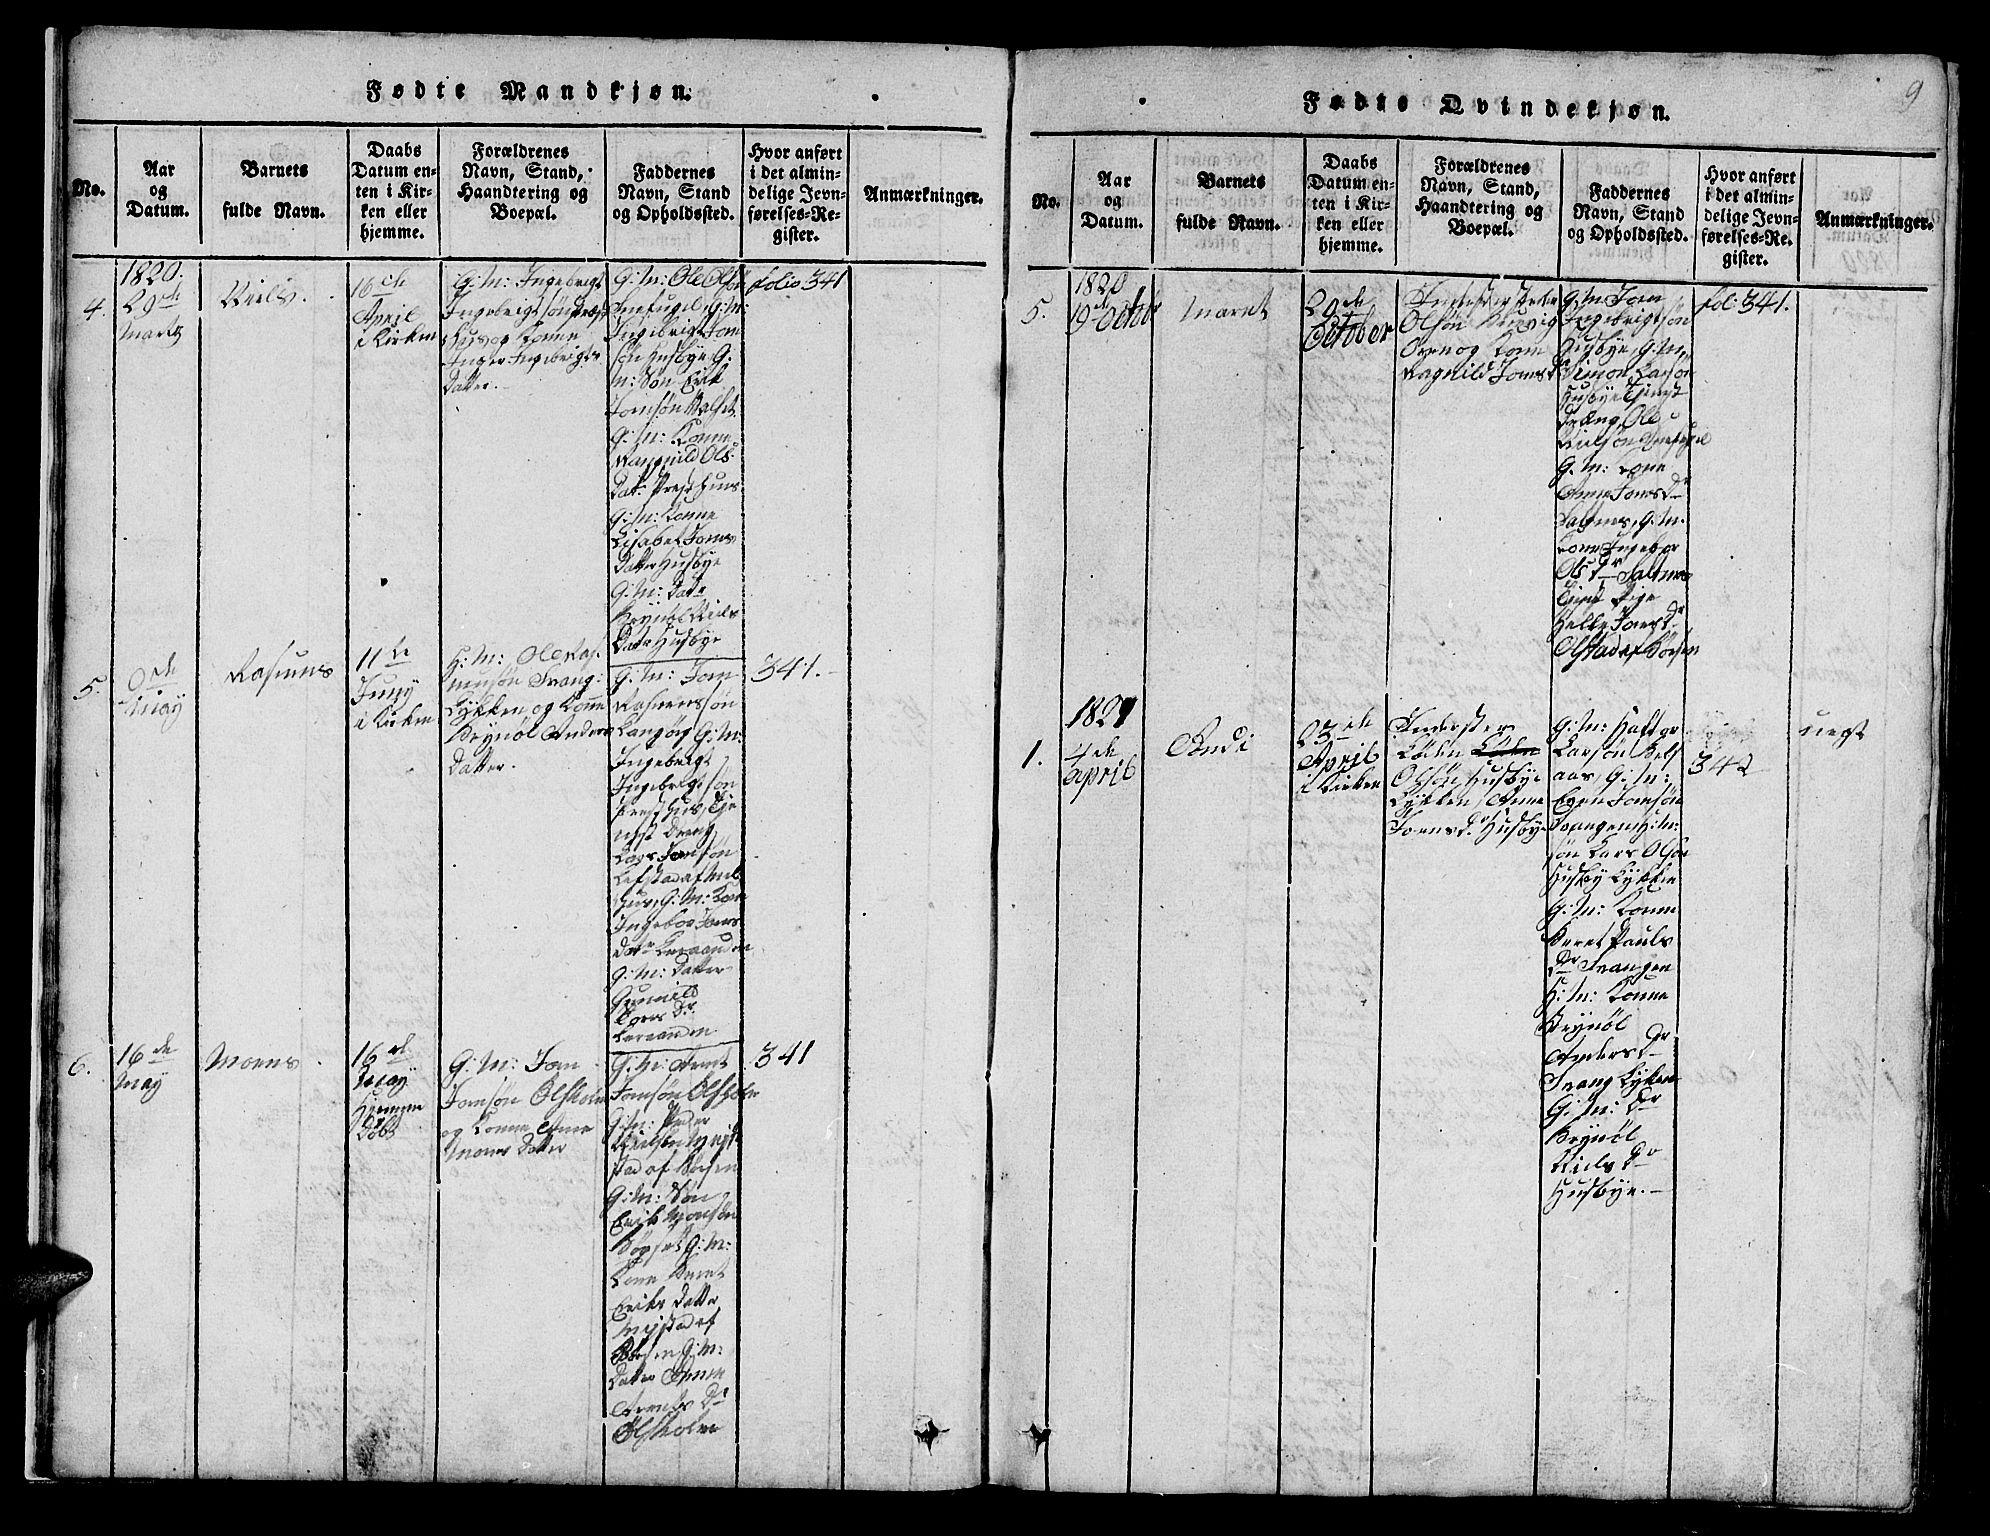 SAT, Ministerialprotokoller, klokkerbøker og fødselsregistre - Sør-Trøndelag, 666/L0788: Klokkerbok nr. 666C01, 1816-1847, s. 9